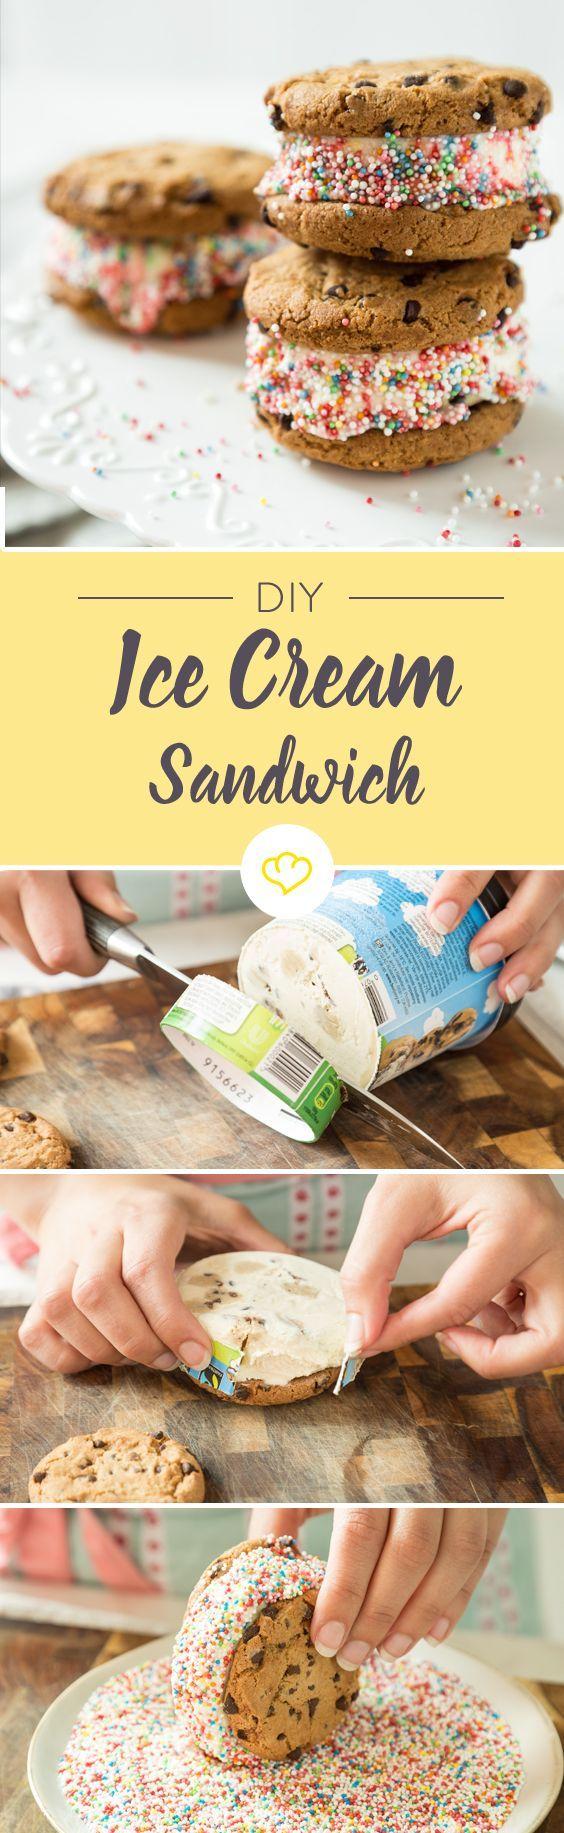 Eis auf die Hand: Ice Cream Sandwich selber machen #icecreamsandwich Ice Cream Sandwiches - erwachsen sind wir noch oft genug! #icecreamsandwich